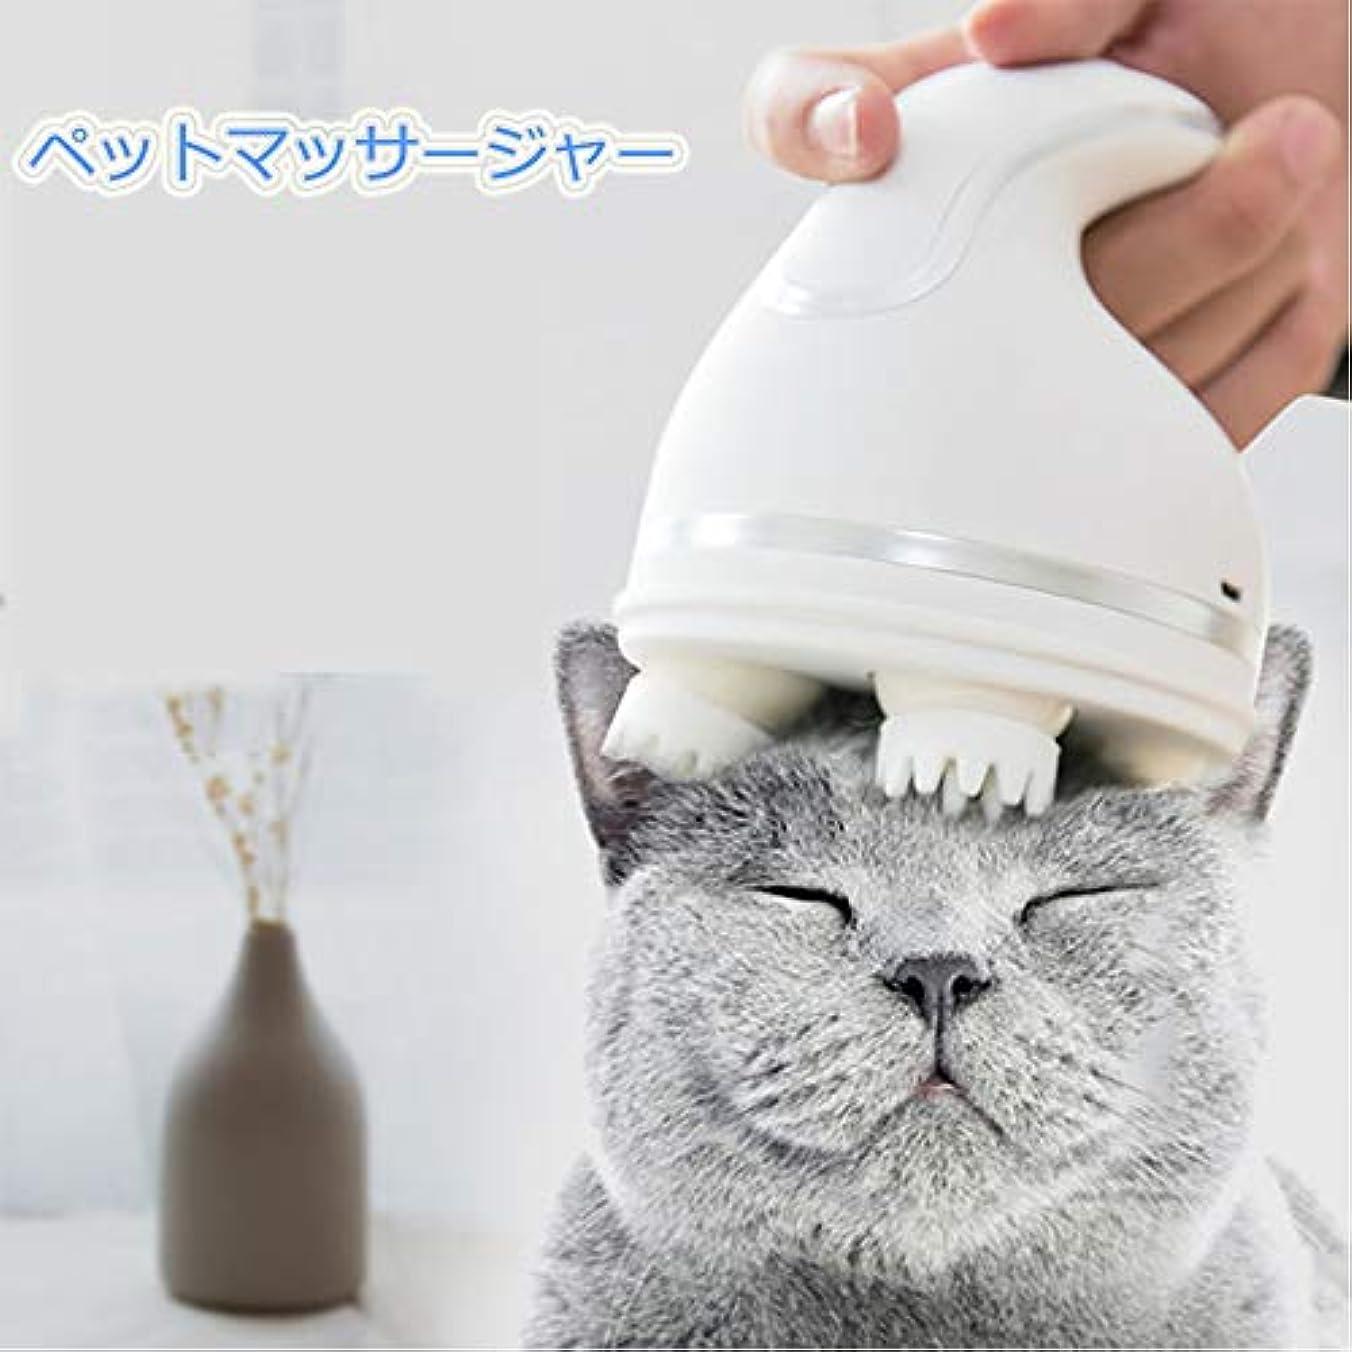 障害者会員マーベルペットマッサージャー 猫マッサージ ヘッドマッサージャー 電動 ヘッドマッサージ器 猫マッサージ器 多機能 ヘッドスパ 発毛促進 血液の循環を促進する USB充電 ペット用品 ペットマッサージ